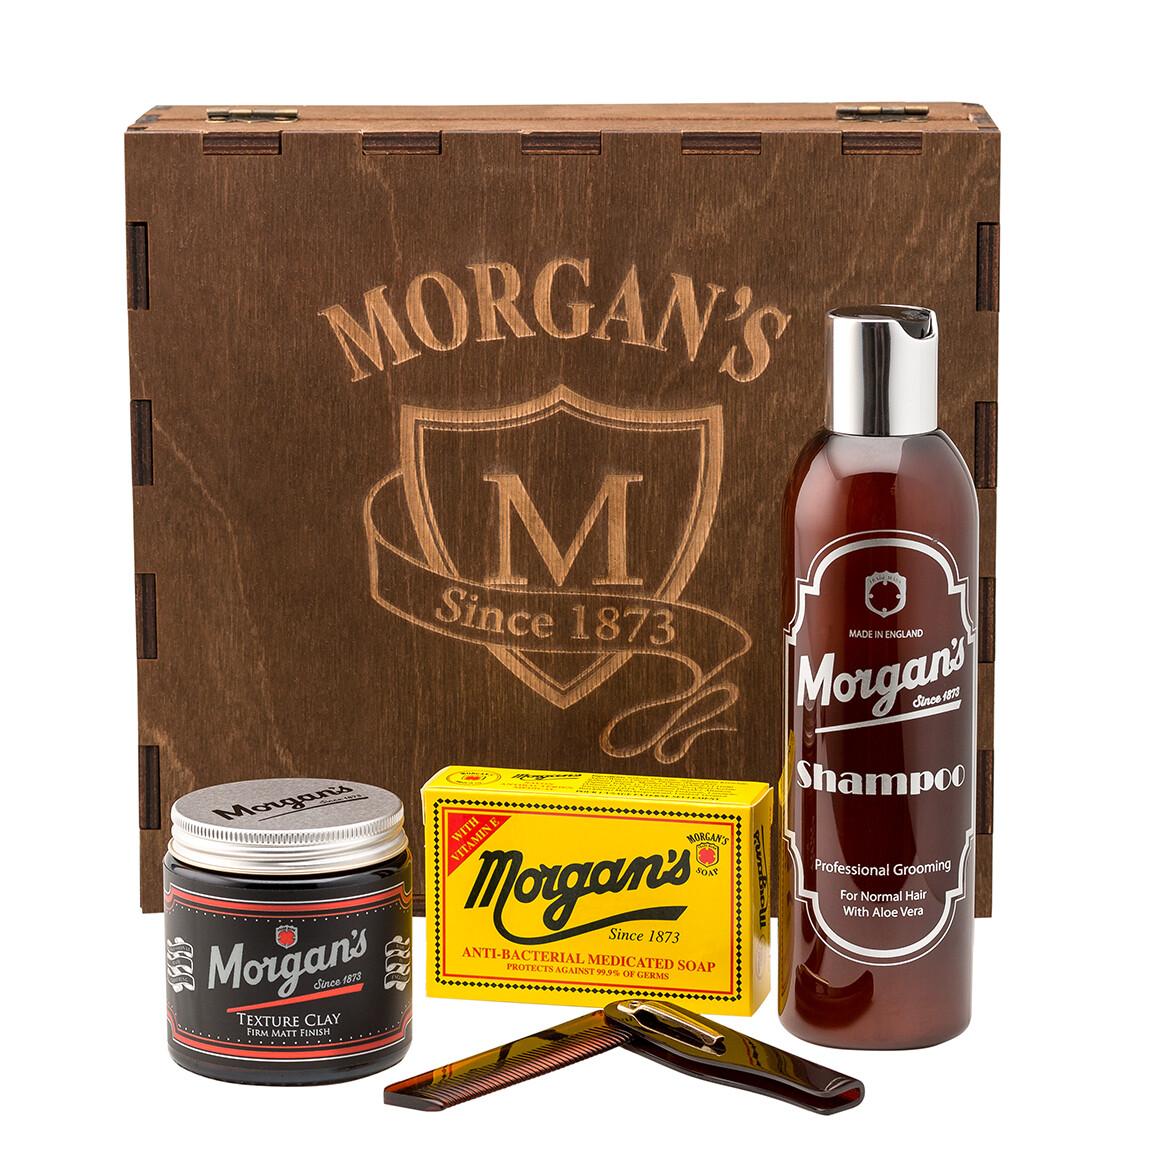 Morgan's - Премиальный подарочный набор для джентльменов